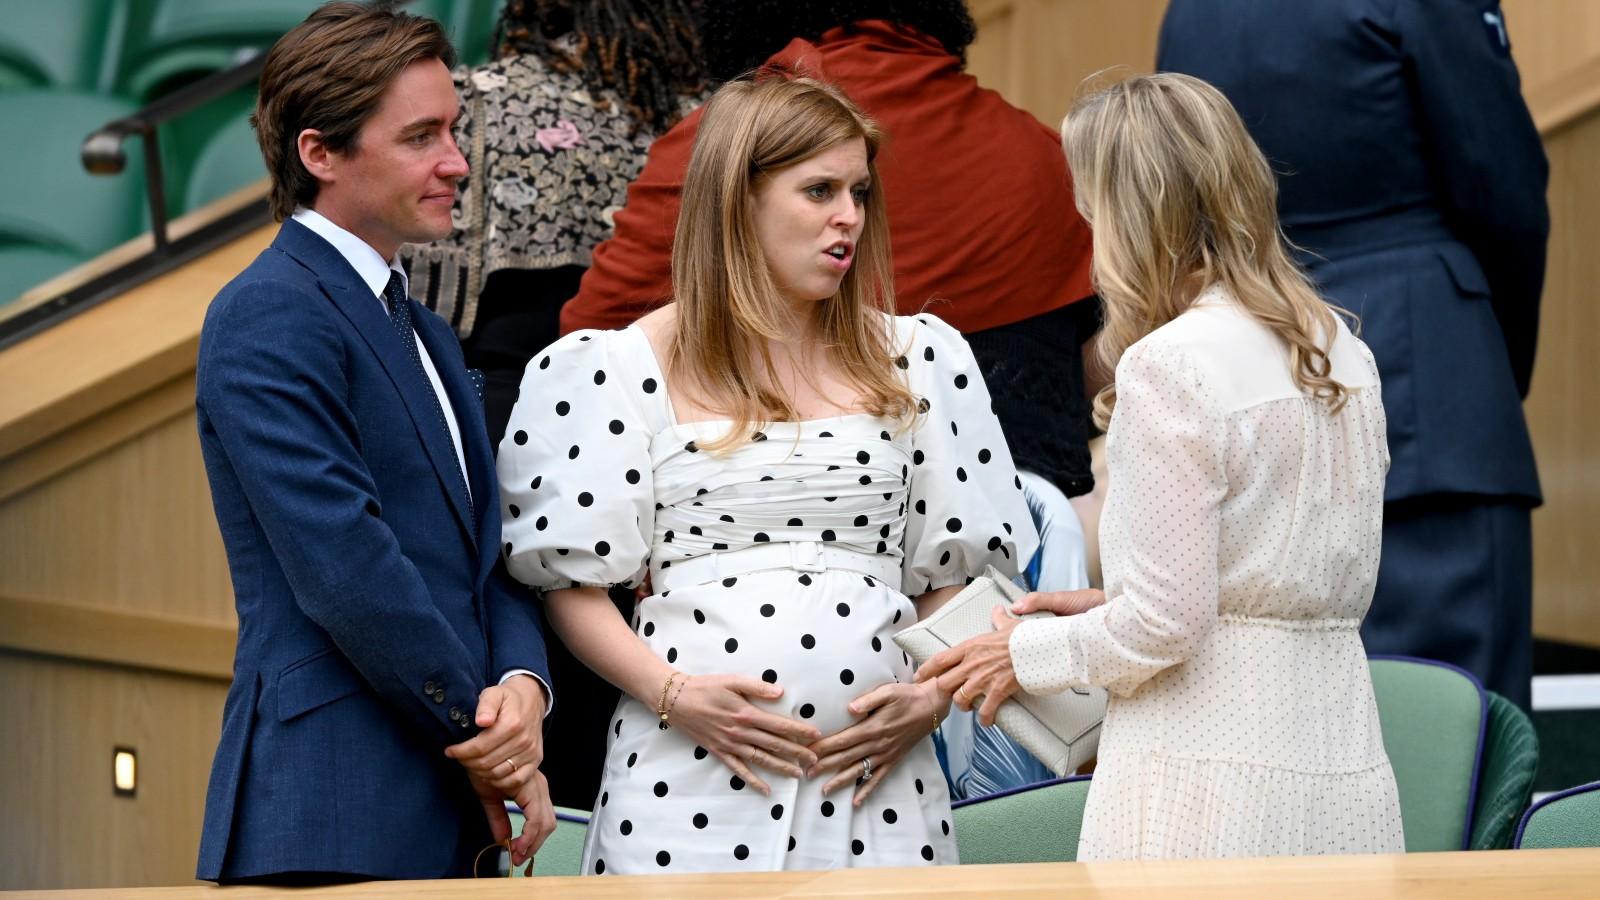 La princesse Béatrice et son mari Edoardo Mapelli Mozzi à Wimbledon.